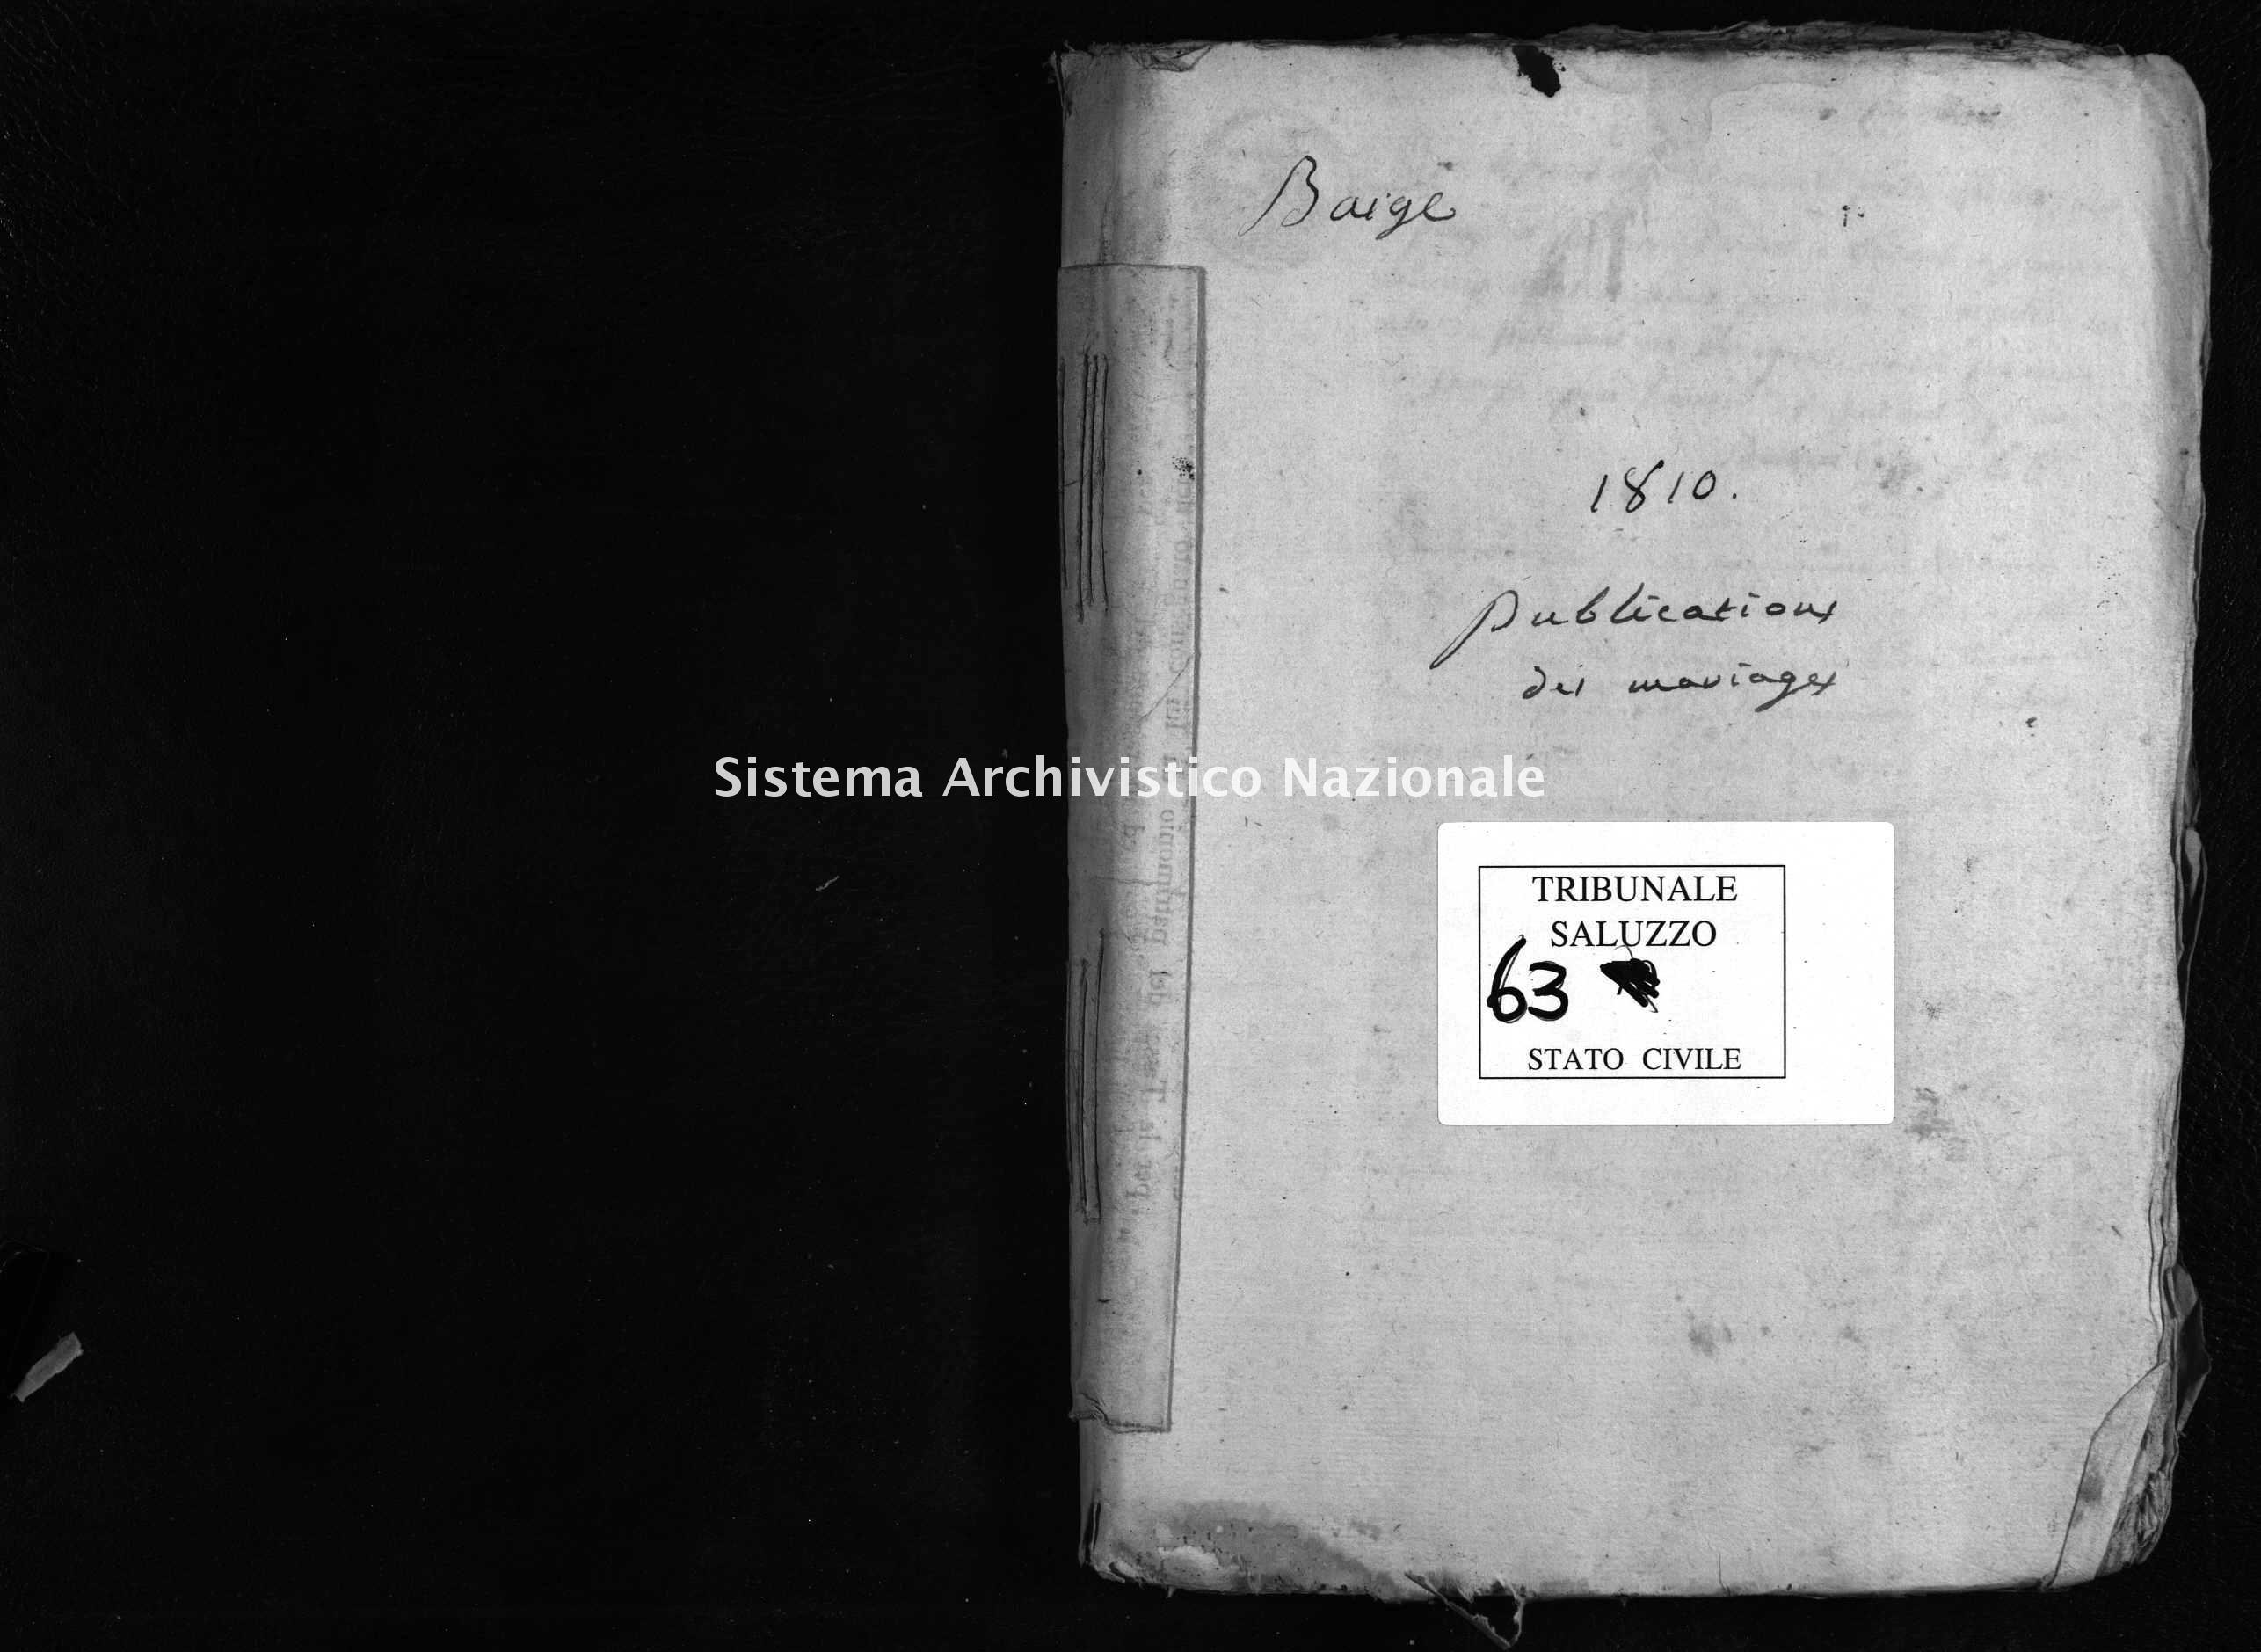 Archivio di stato di Cuneo - Stato civile napoleonico - Barge - Matrimoni, pubblicazioni - 1810 - 63 -